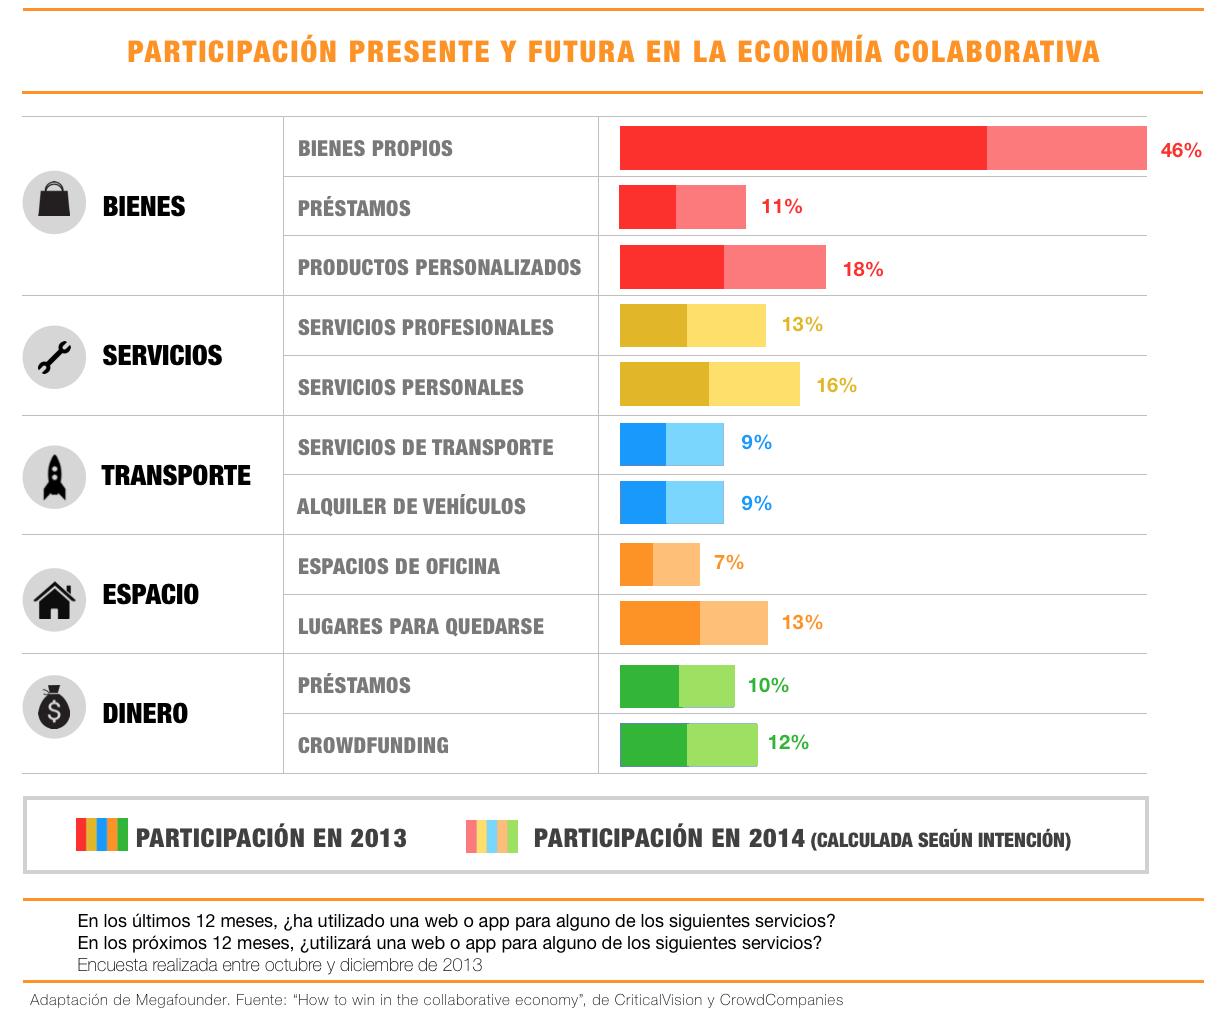 economia-colaborativa-empresas-presente-futuro1